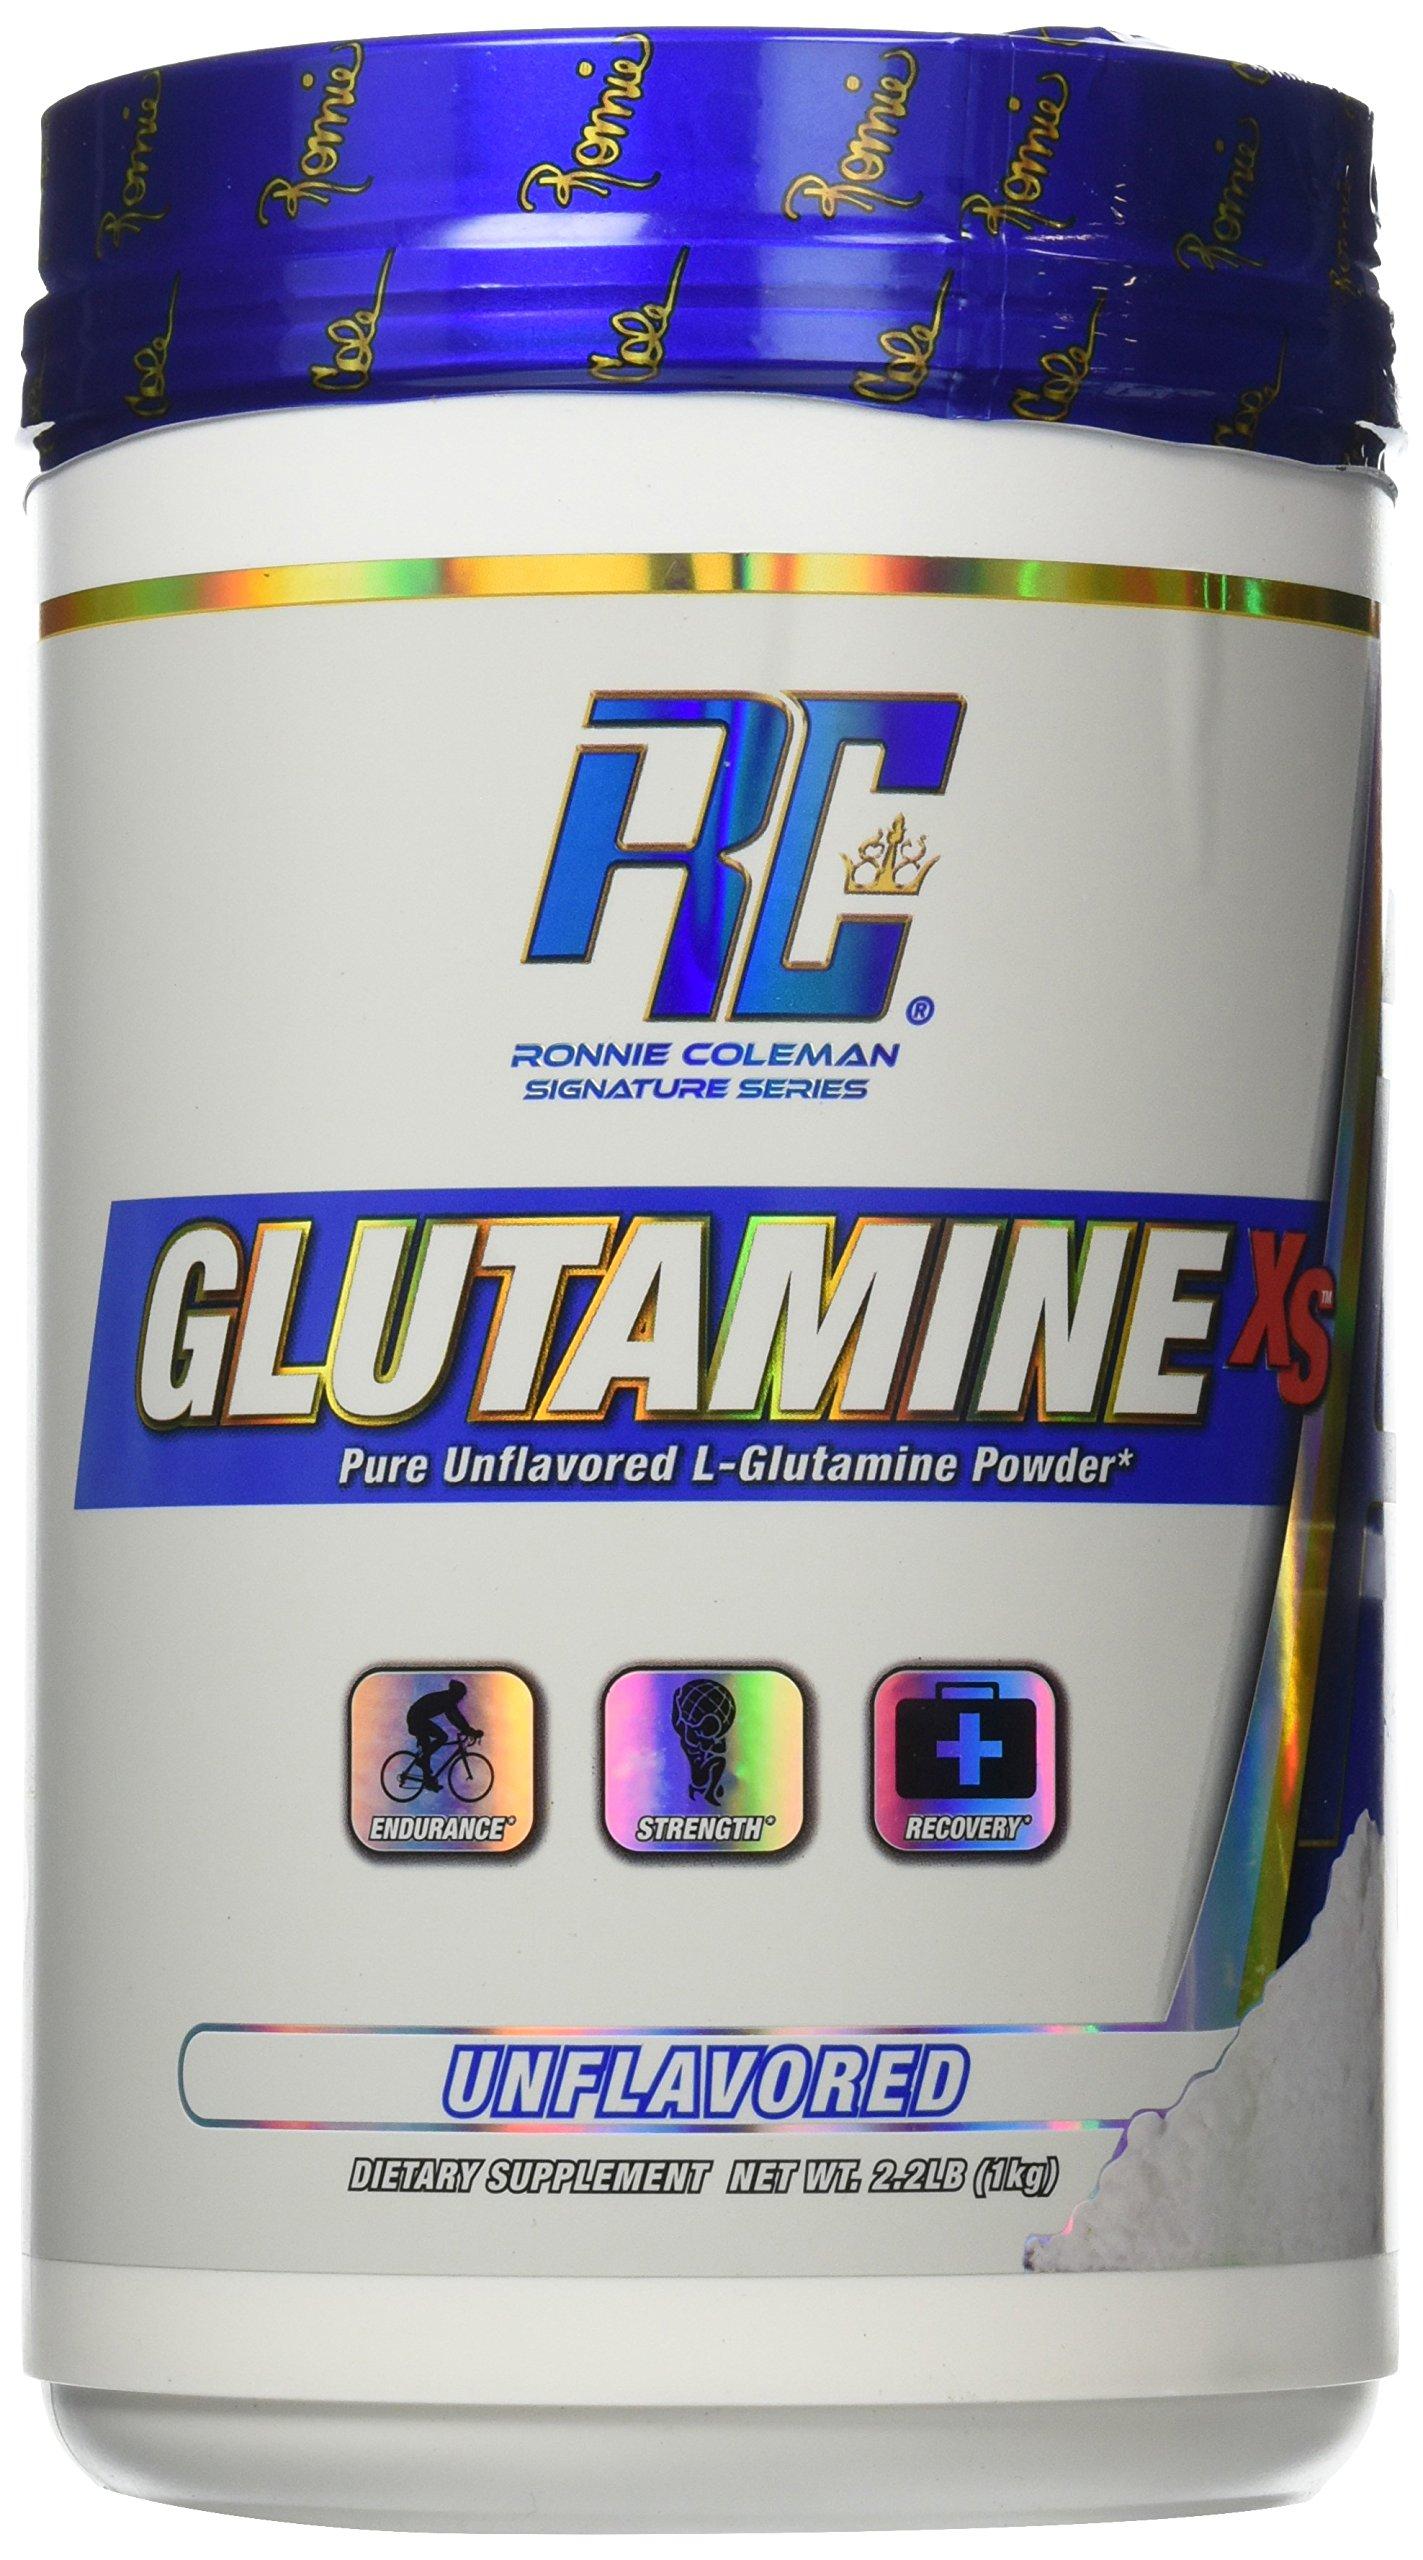 Ronnie Coleman Signature Series Glutamine-XS Creatine Monohydrate Powder, Unflavored, 1000 Gram